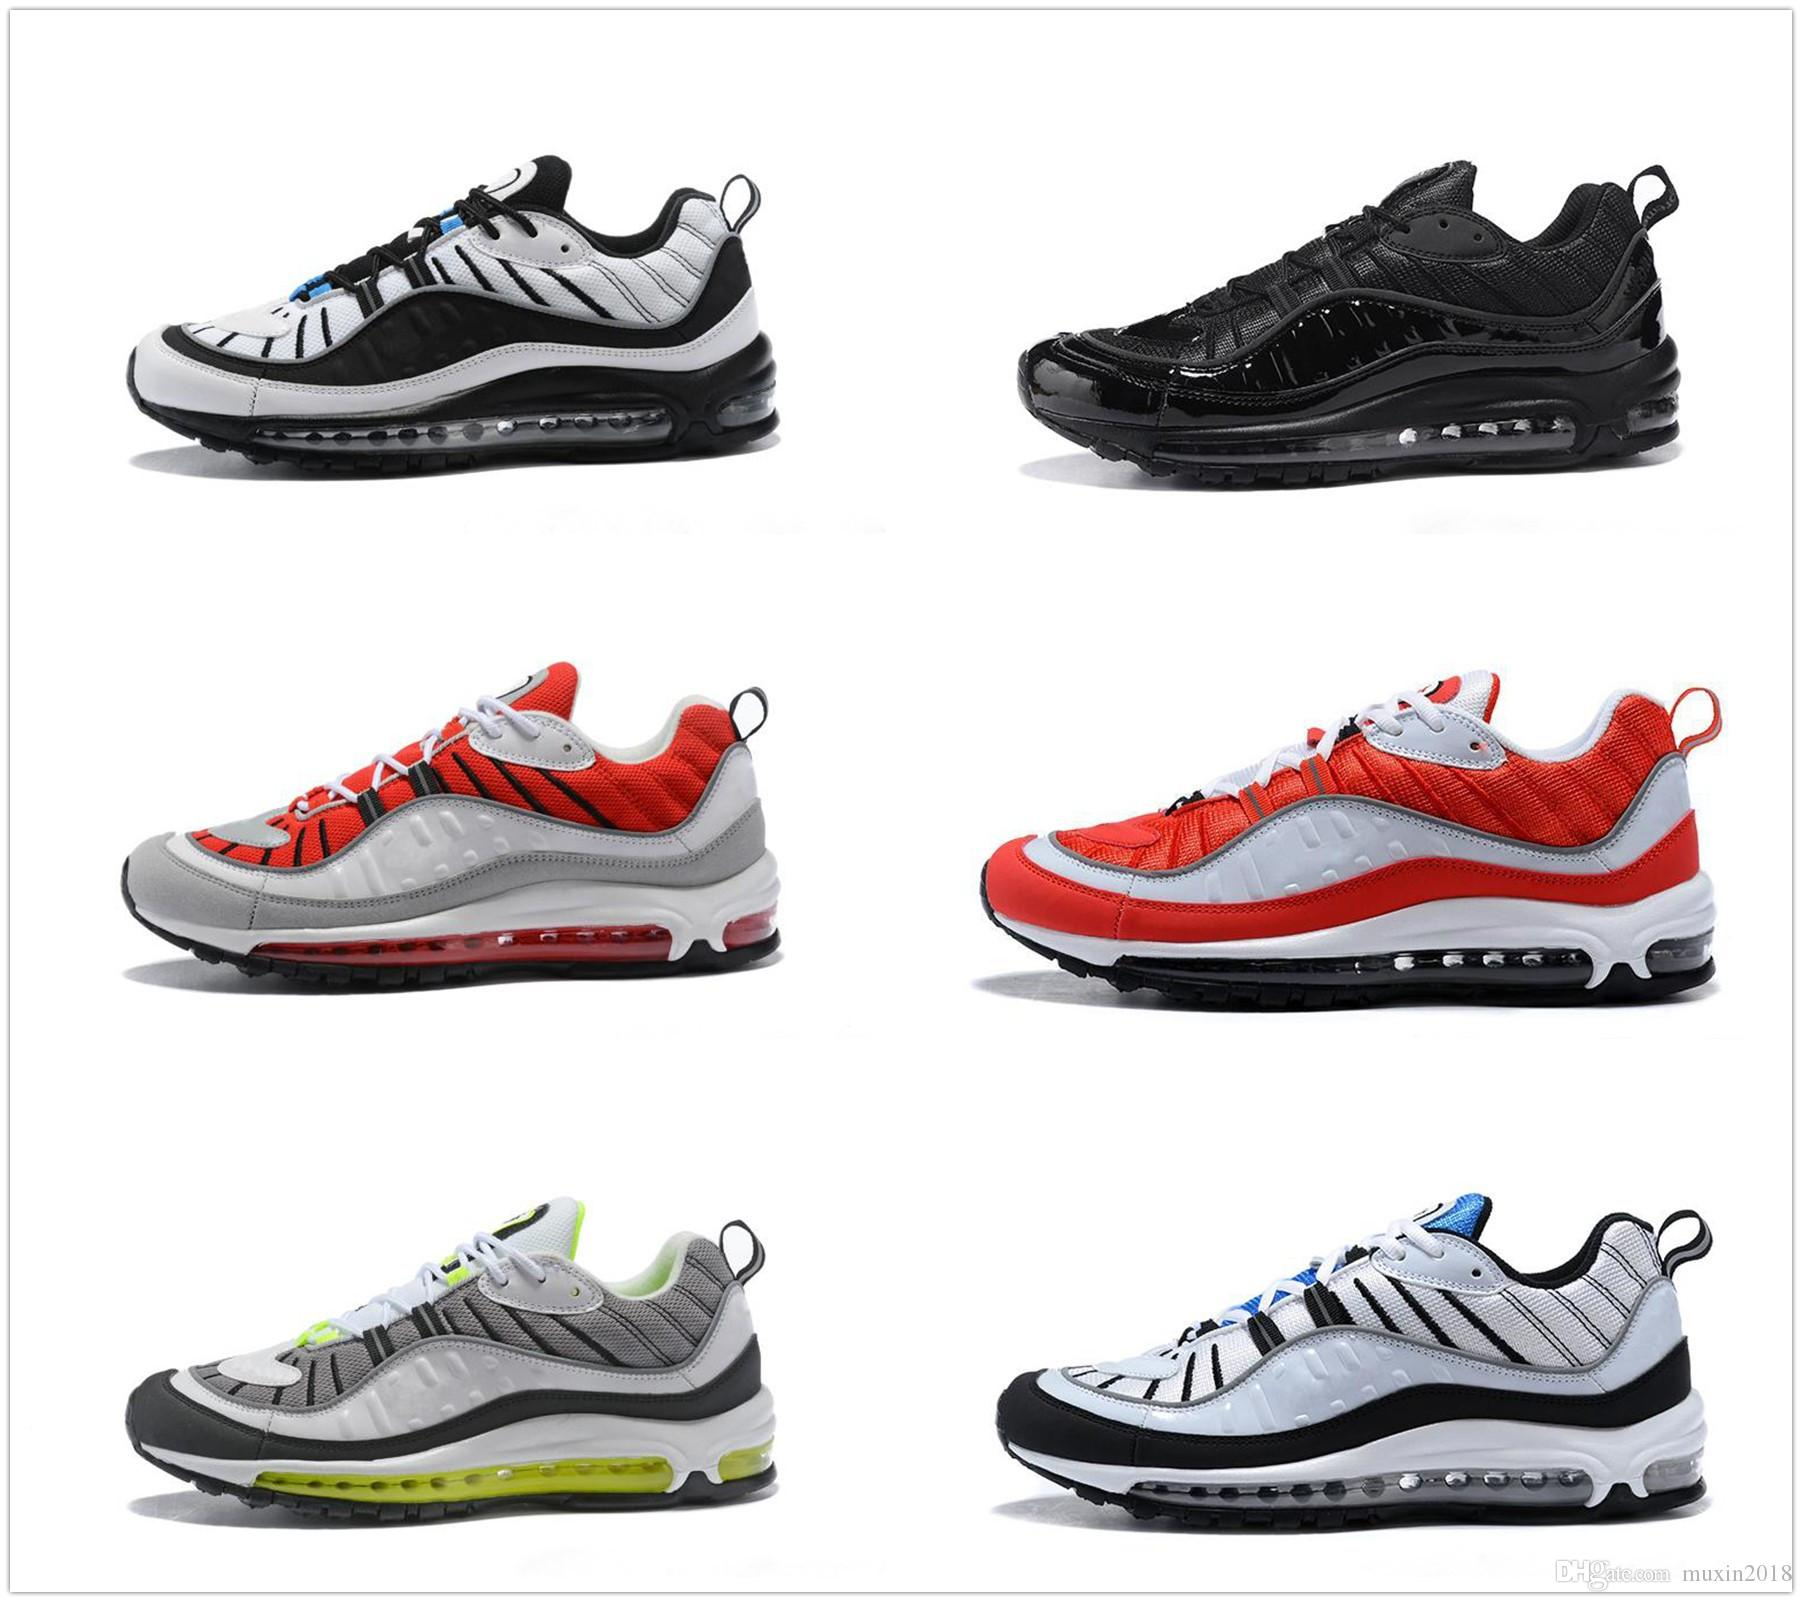 new product 94f4b 491be Nike Air Max 98 airmax 98 OG Gundam Kırmızı Mavi Gümüş Bullet 98 ayakkabı  Erkekler Sneakers 2018 Beyaz Koşu Ayakkabıları Moda Retro Marka Spor ...